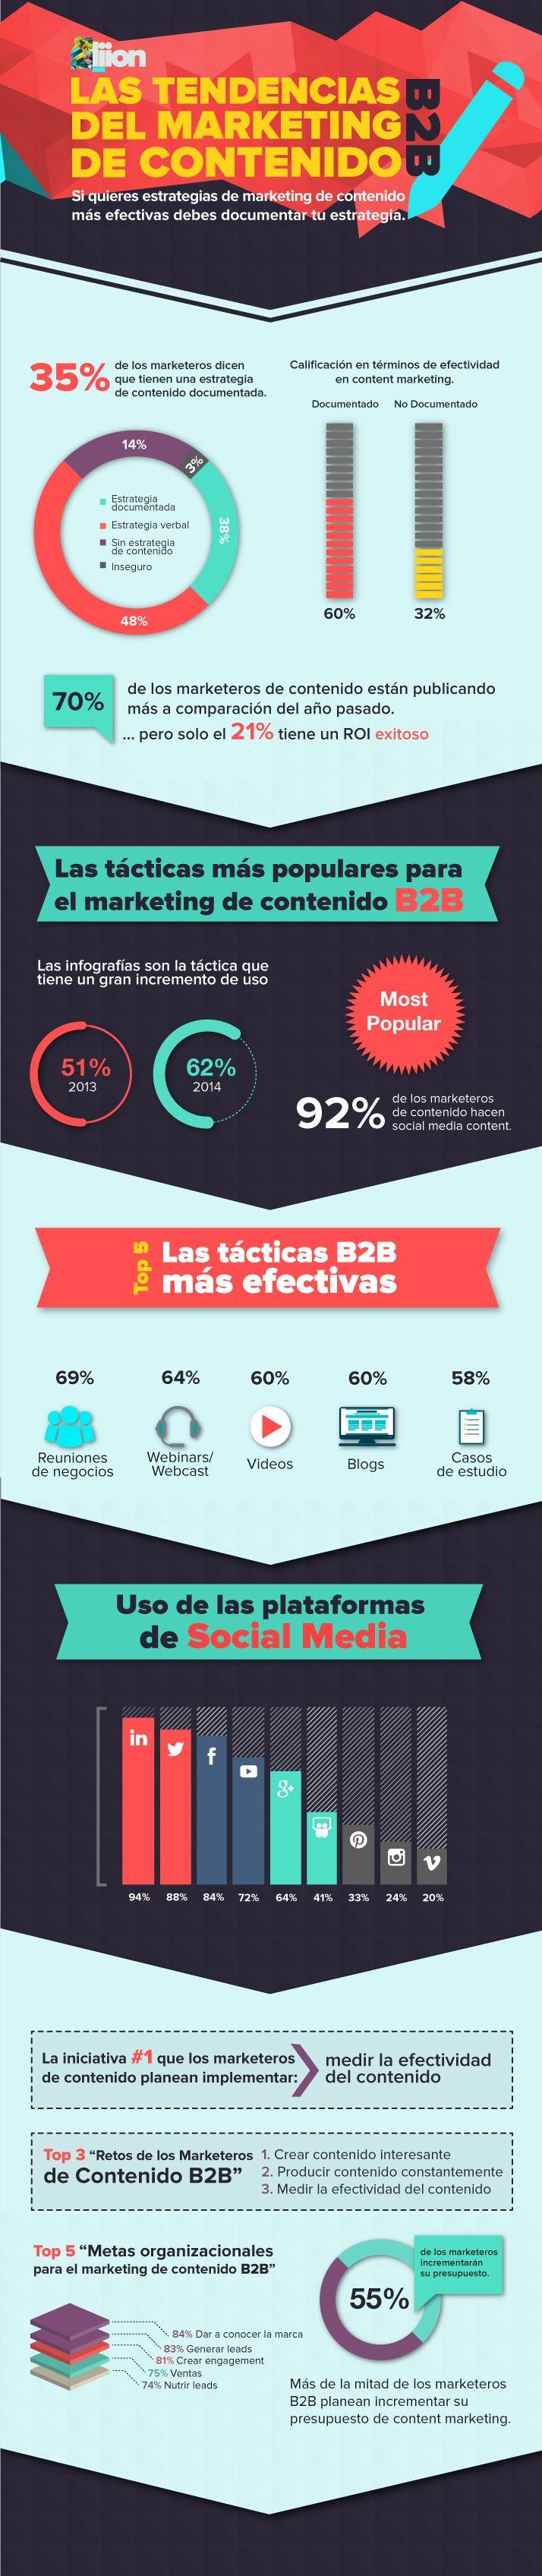 Tendencias de Marketing de Contenido B2B infografia #infographic #marketing